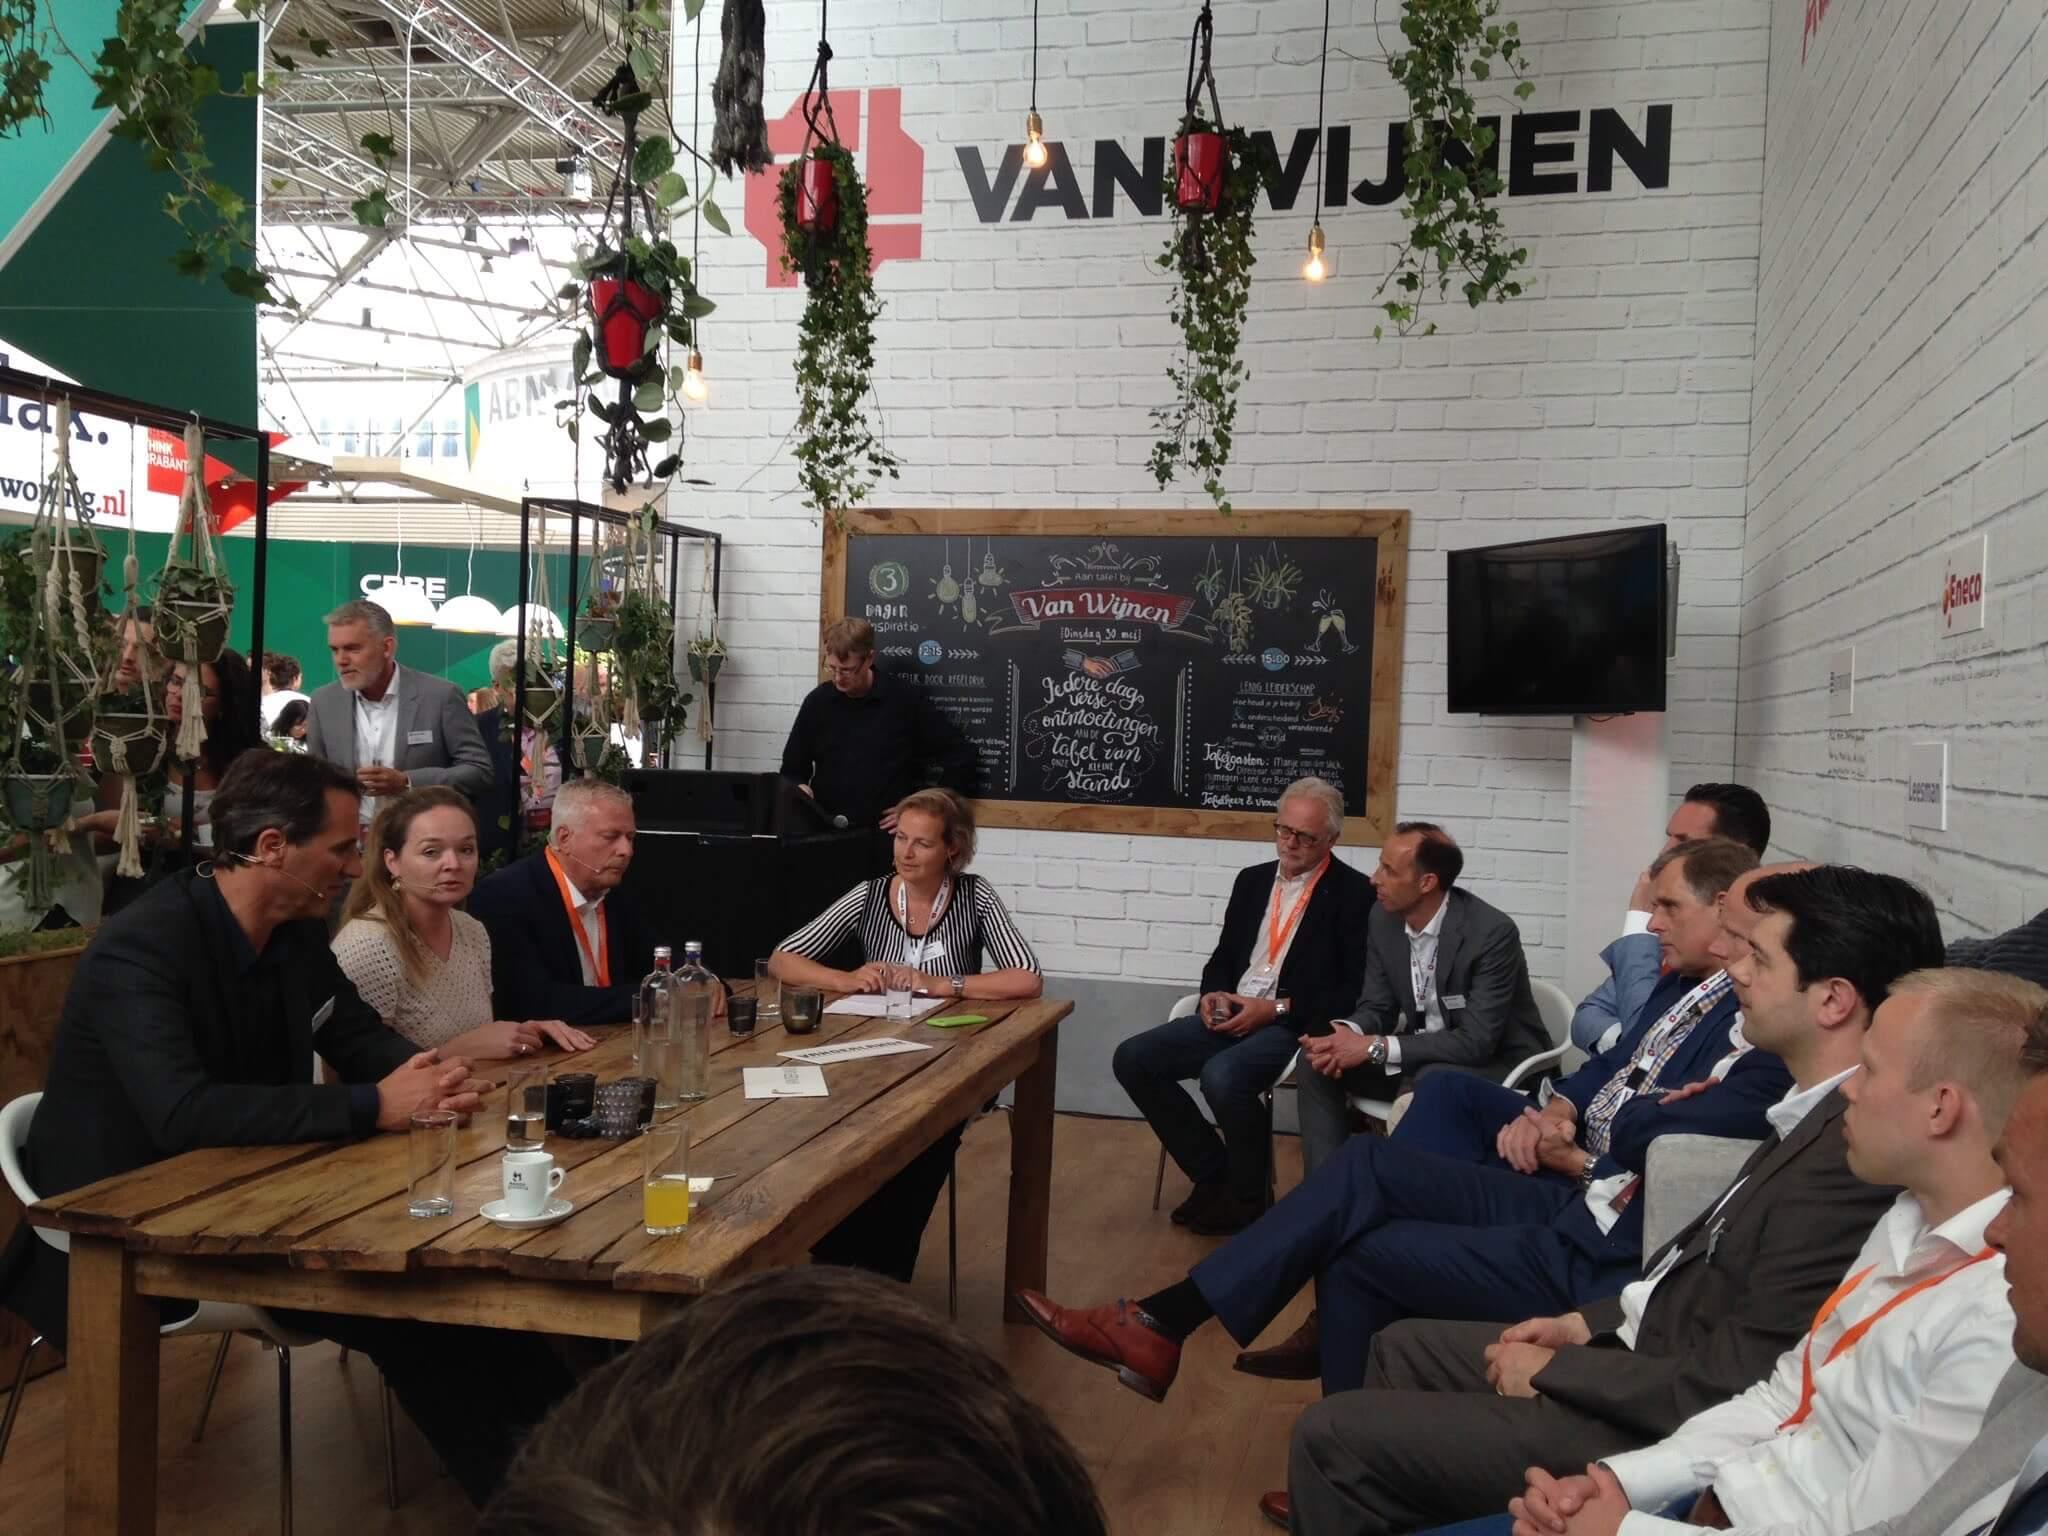 Aan tafel met Bert van der Sluis van Vandelande en Marije Van der Valk over grensverleggende keuzes in bedrijfsvoering.